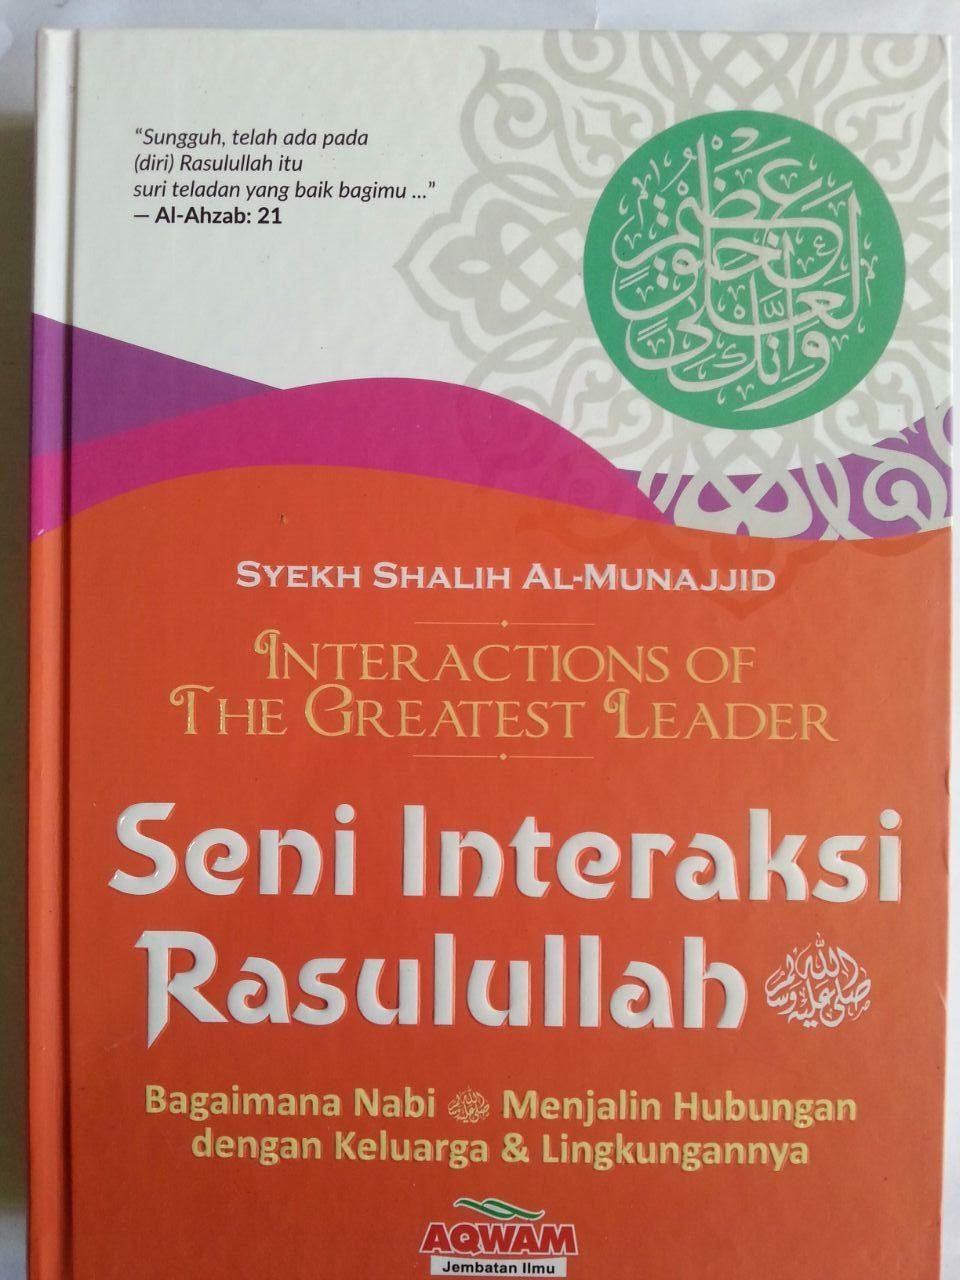 Buku Seni Interaksi Rasulullah Bagaimana Nabi Menjalin Hubungan cover 2